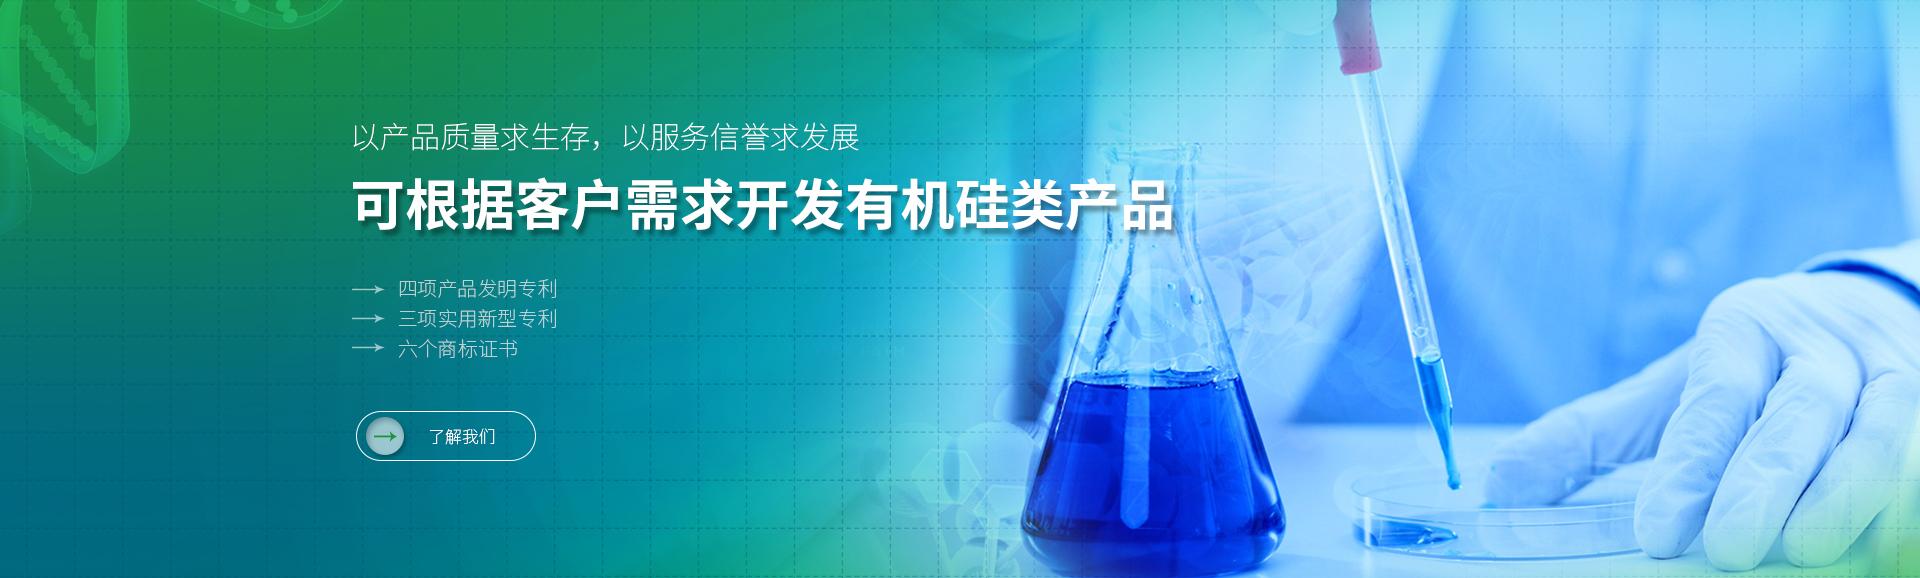 有机硅离型剂,有机硅助剂,有机硅成品